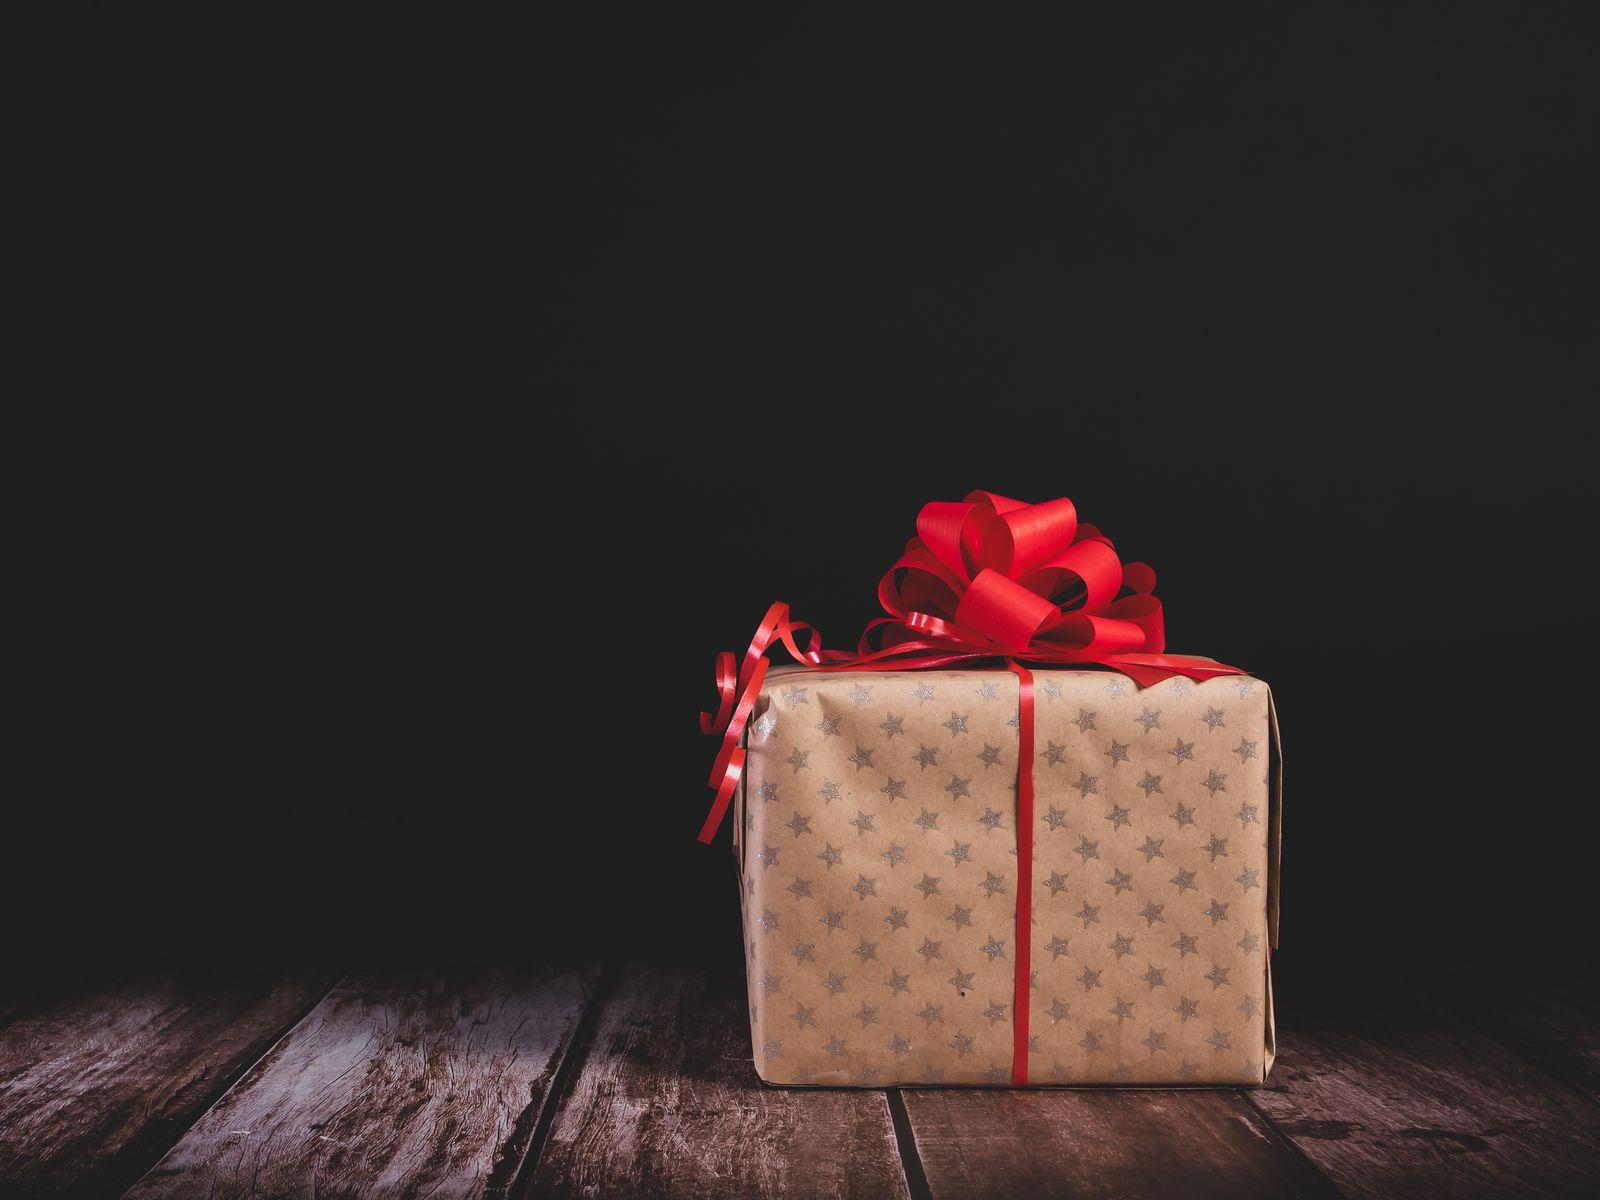 1600x1200 Wallpaper gift, box, bow, holiday